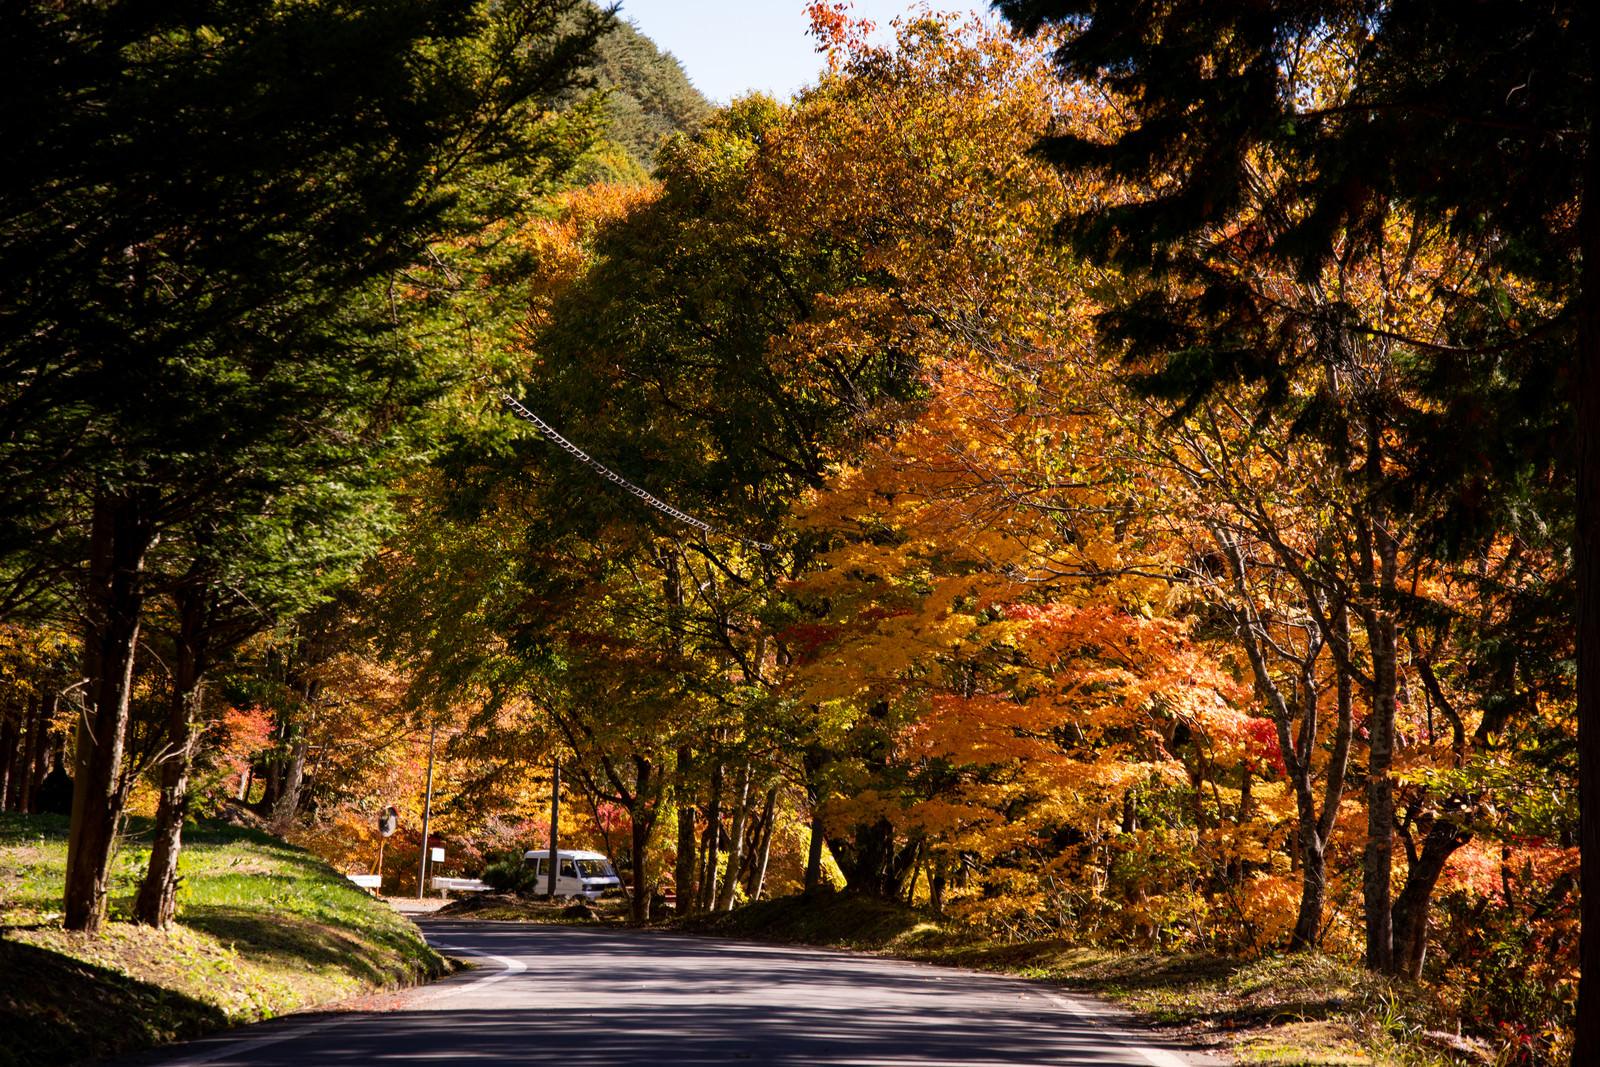 「道路沿いに彩るもみじ橋の紅葉」の写真